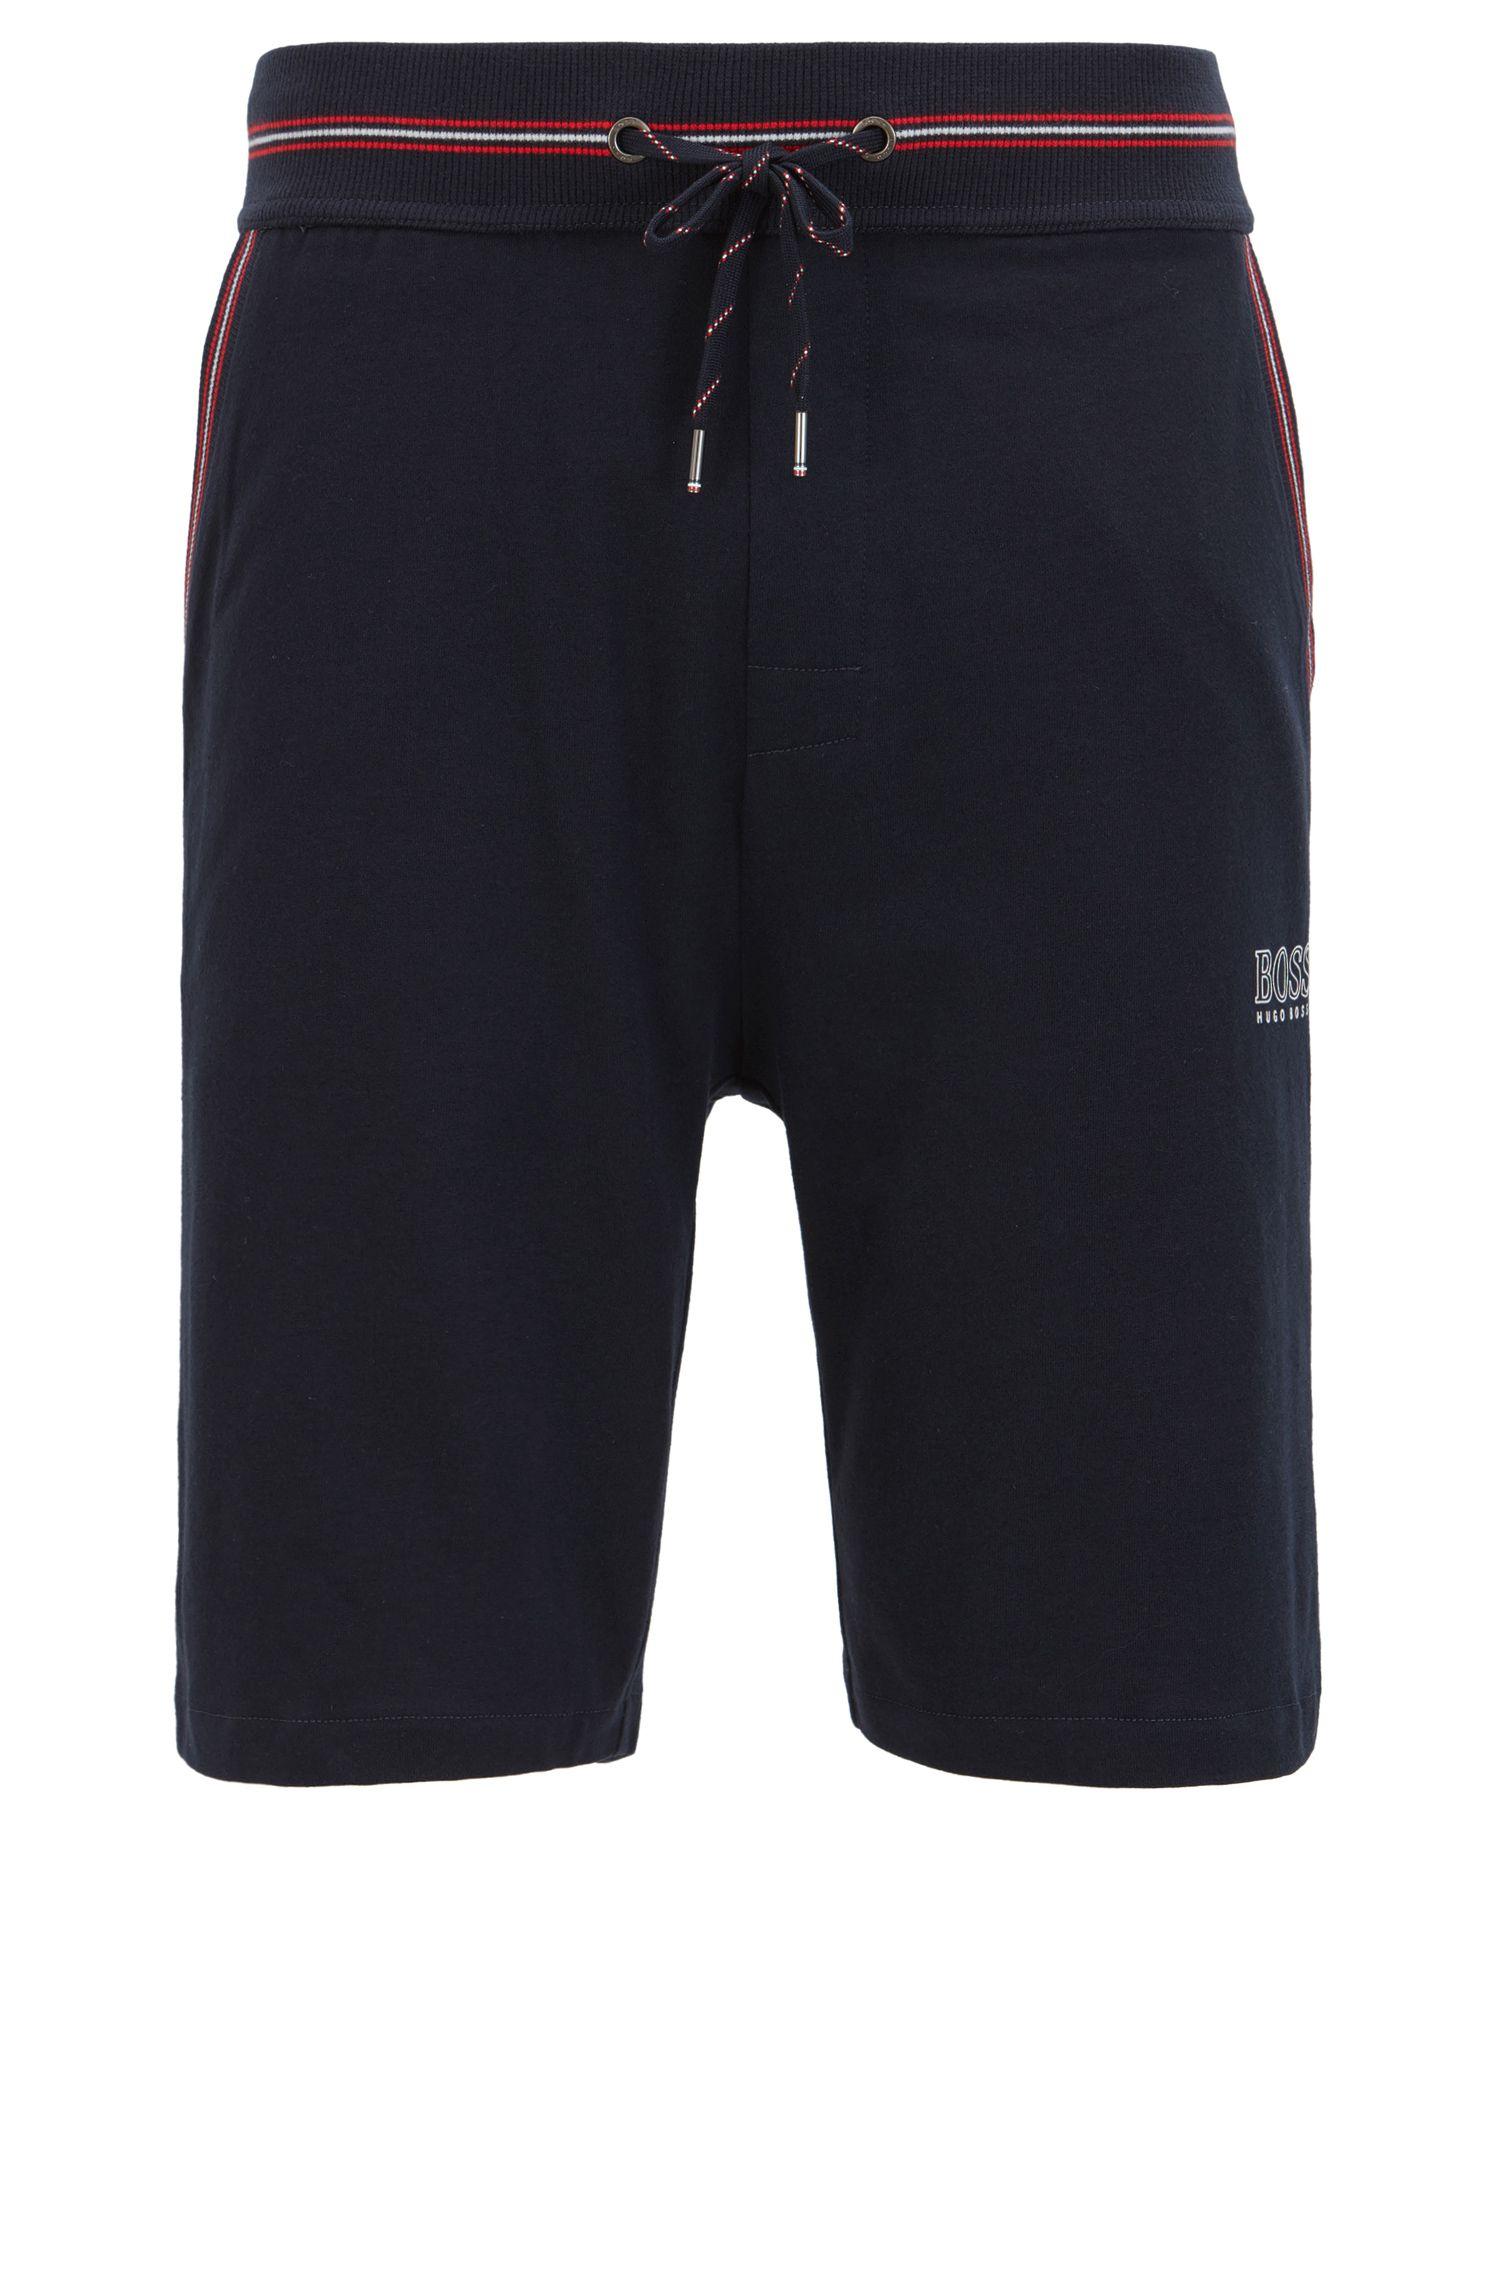 Short d'intérieur en jersey simple avec taille avec cordon de serrage